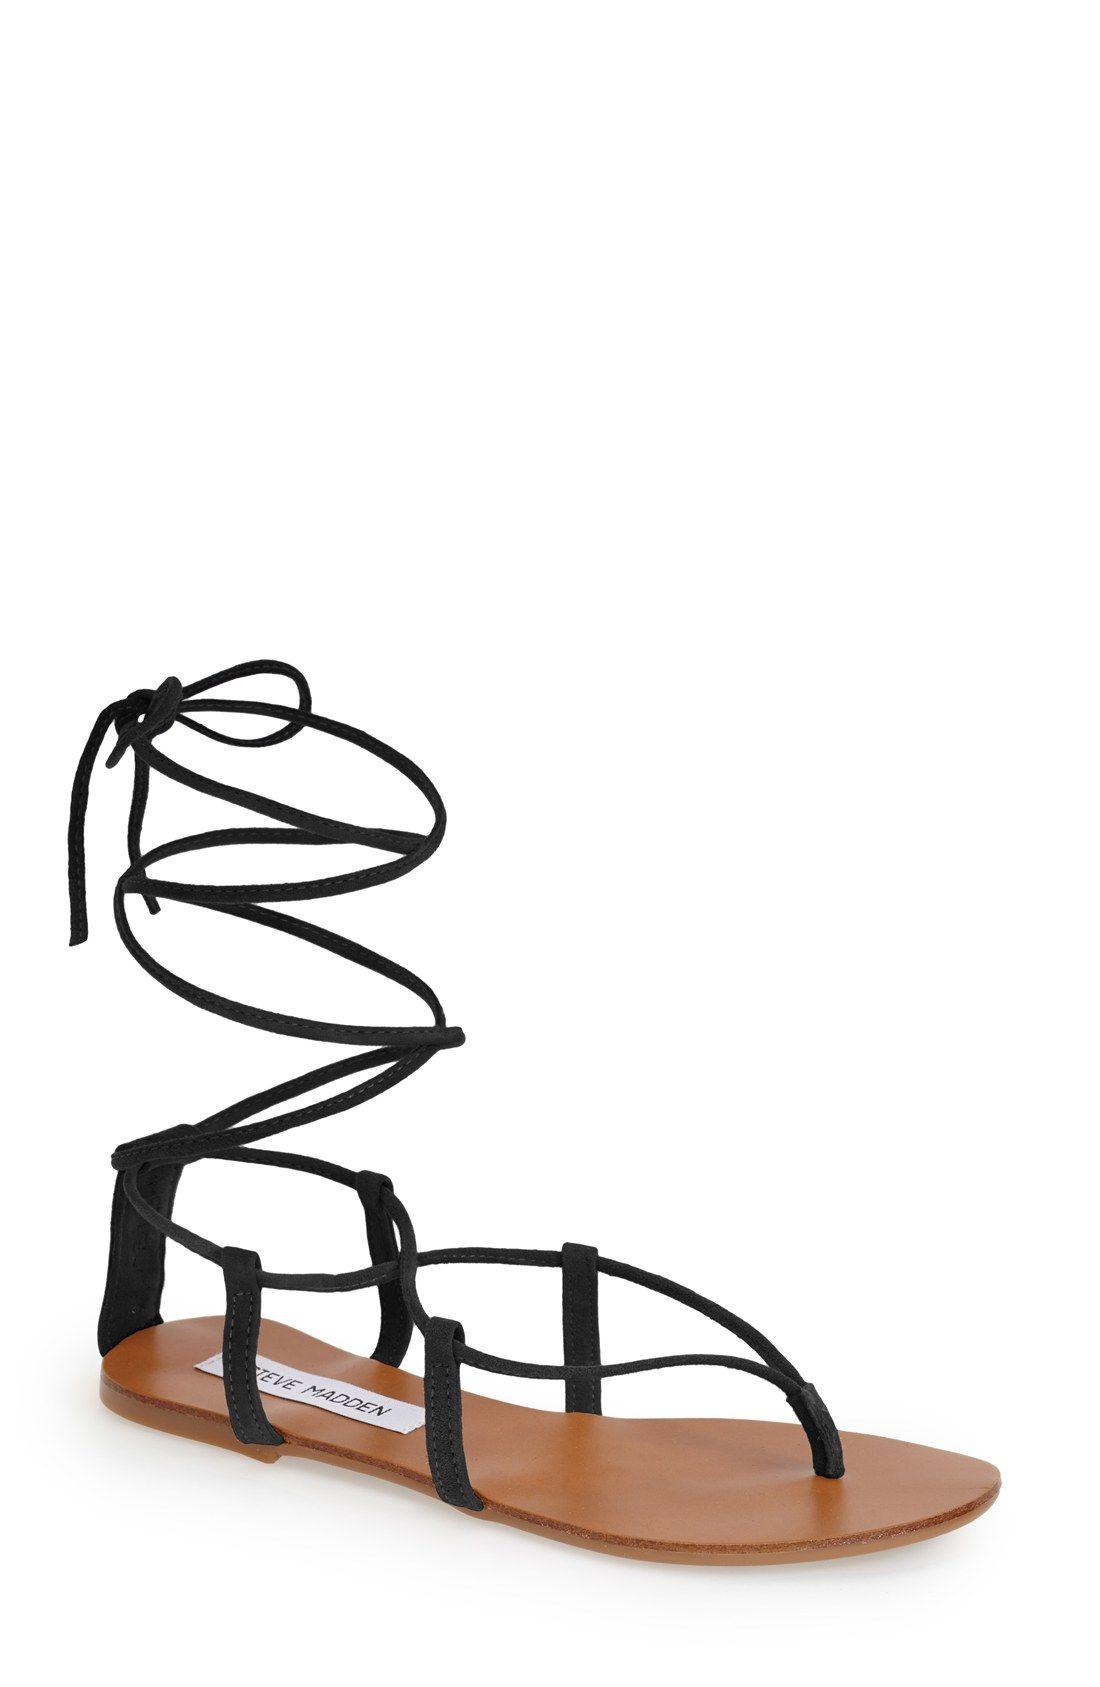 Steve Madden 'Werkit' Gladiator Sandal